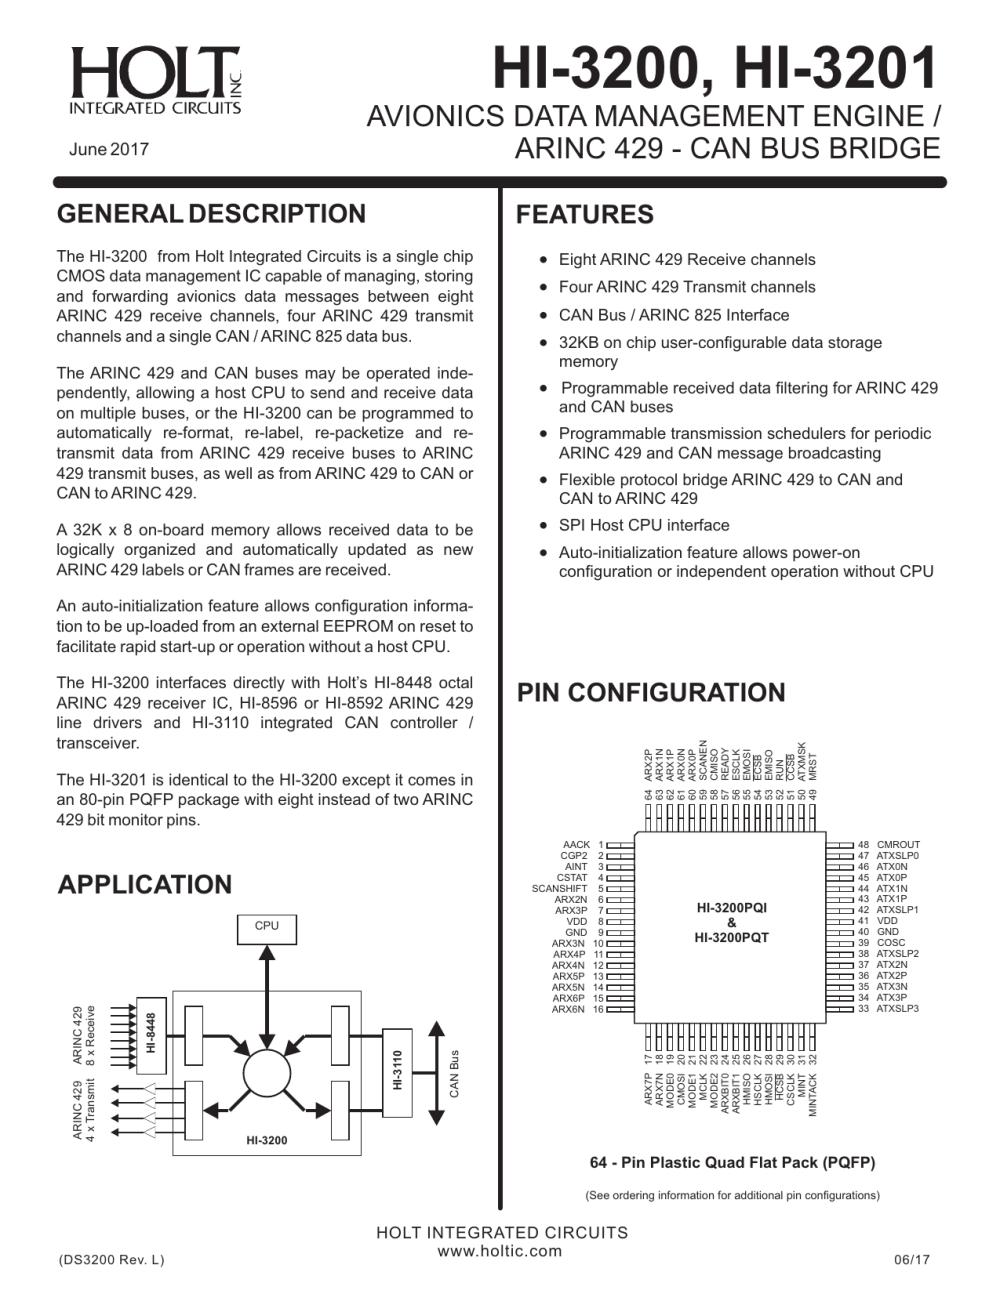 medium resolution of hi 3200 hi 3201 holt integrated circuits